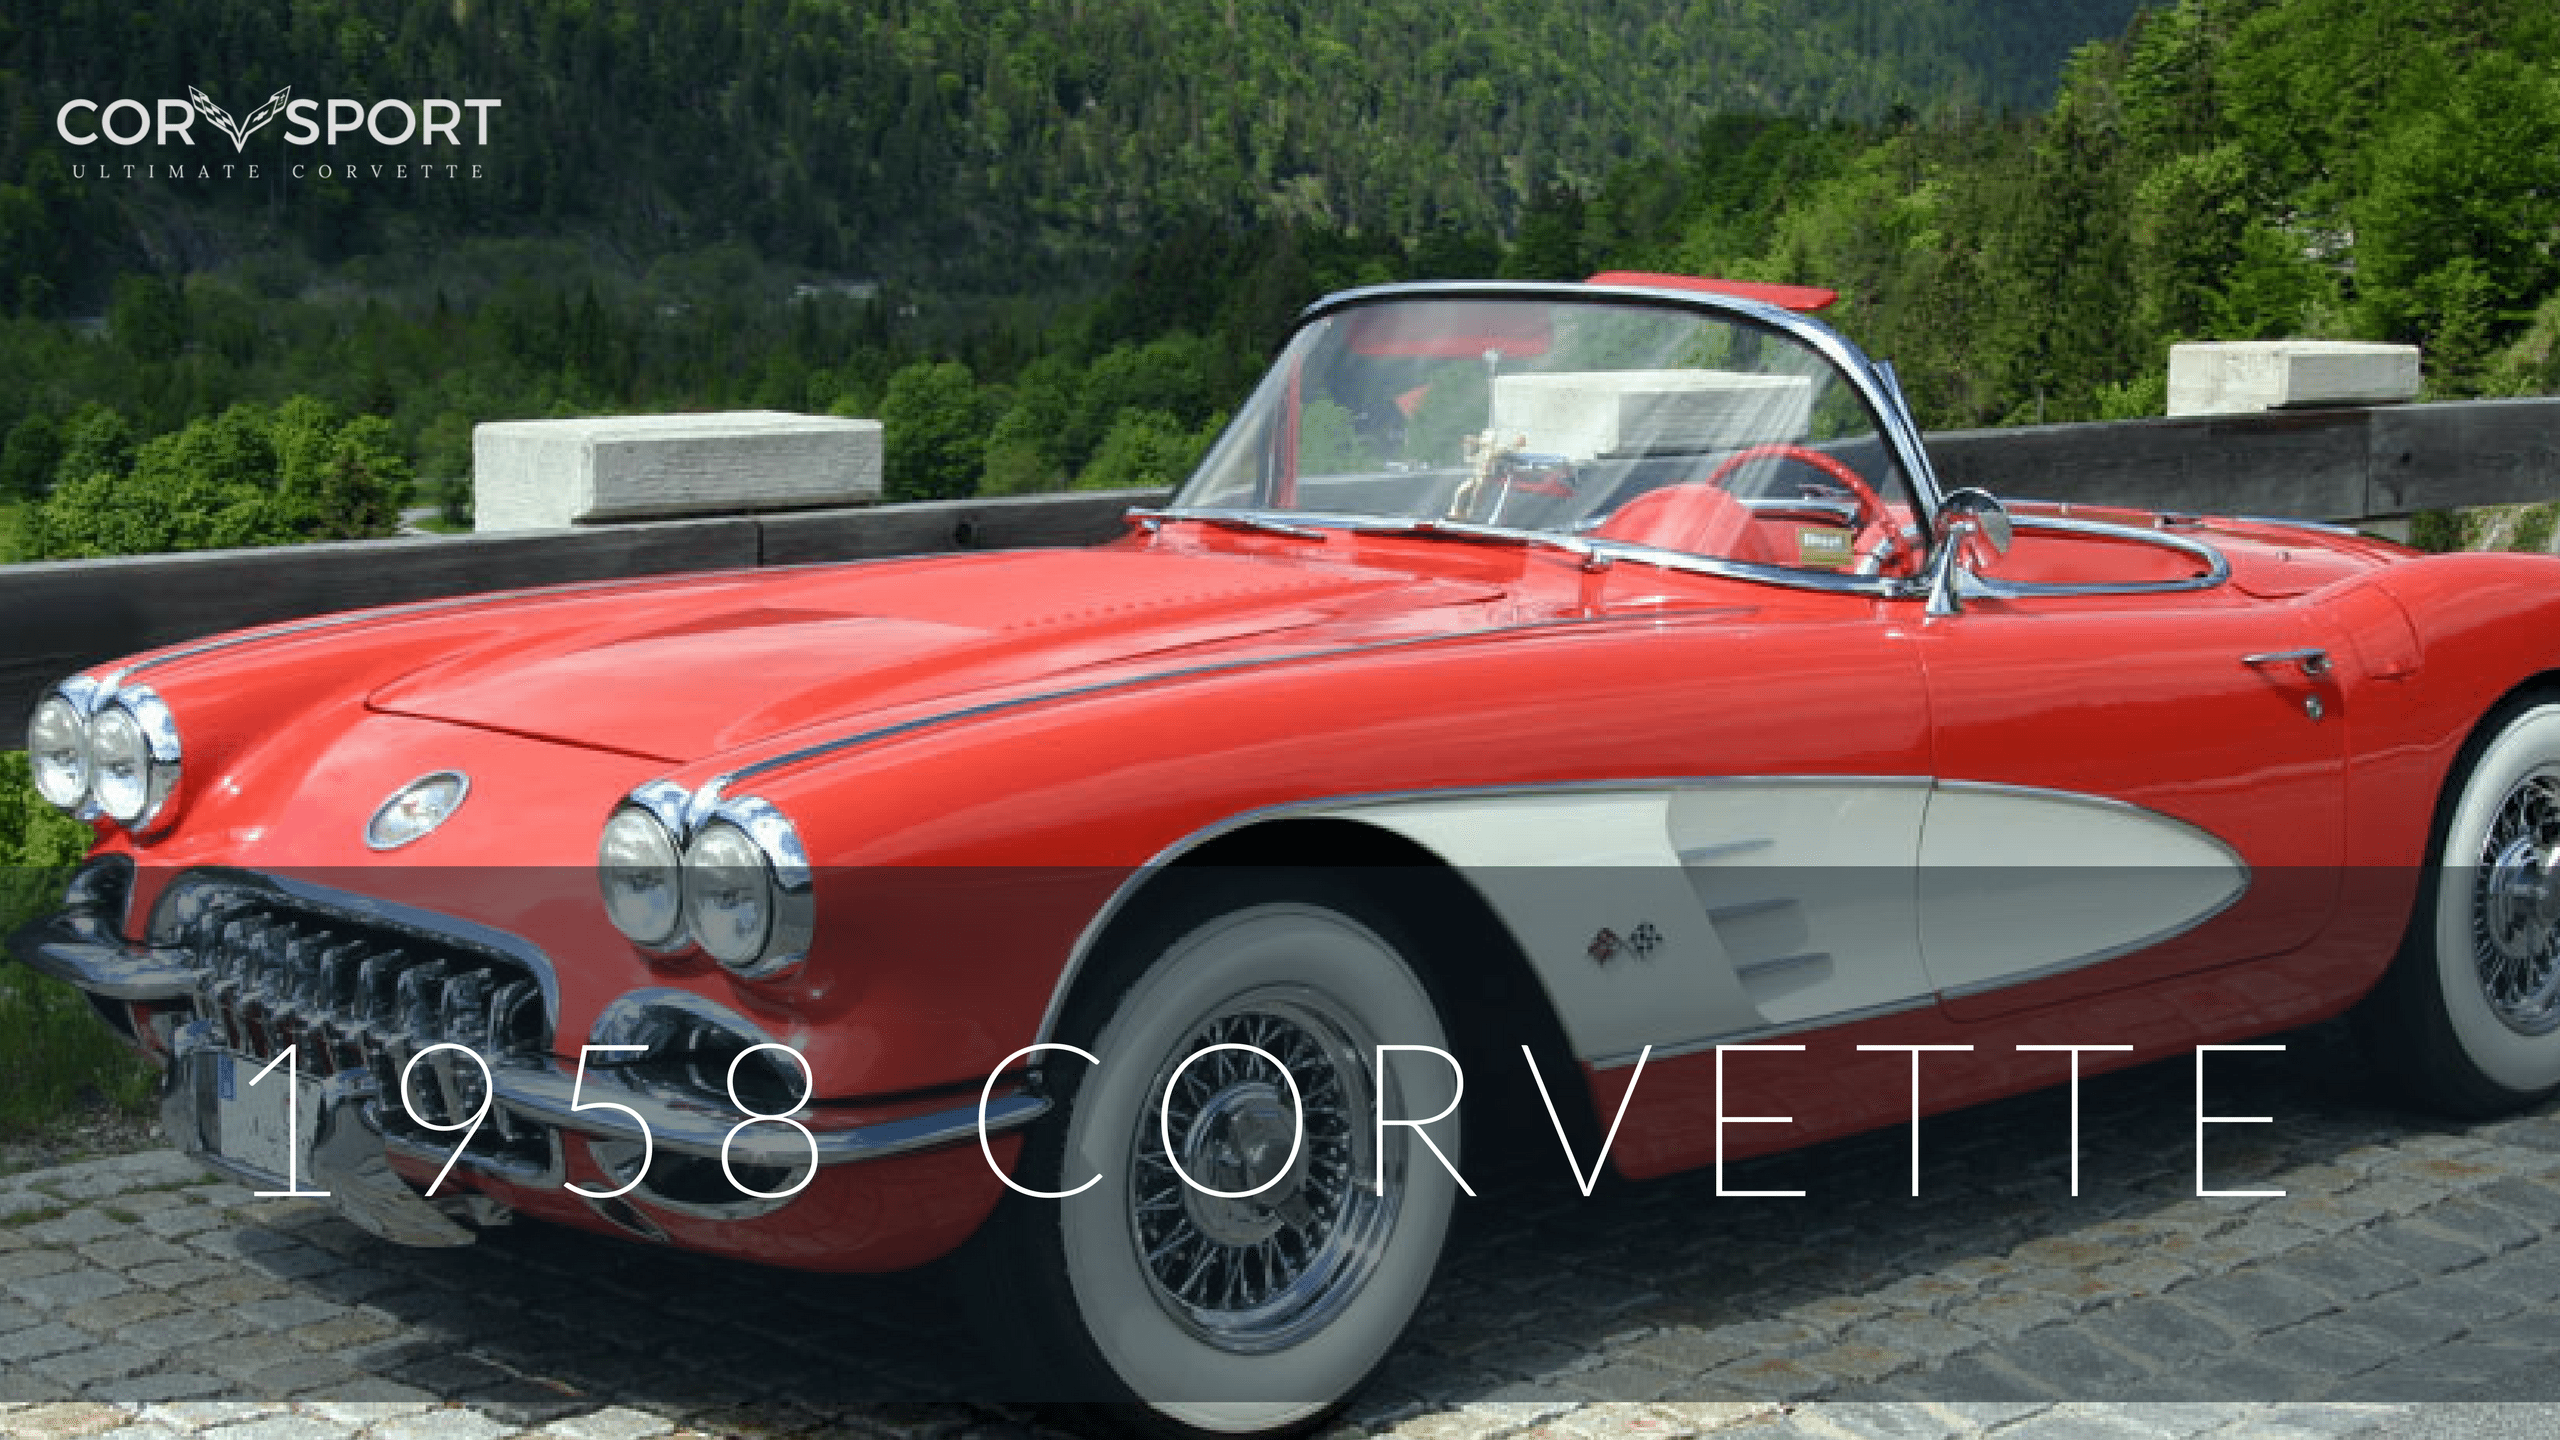 1958 Corvette Tile